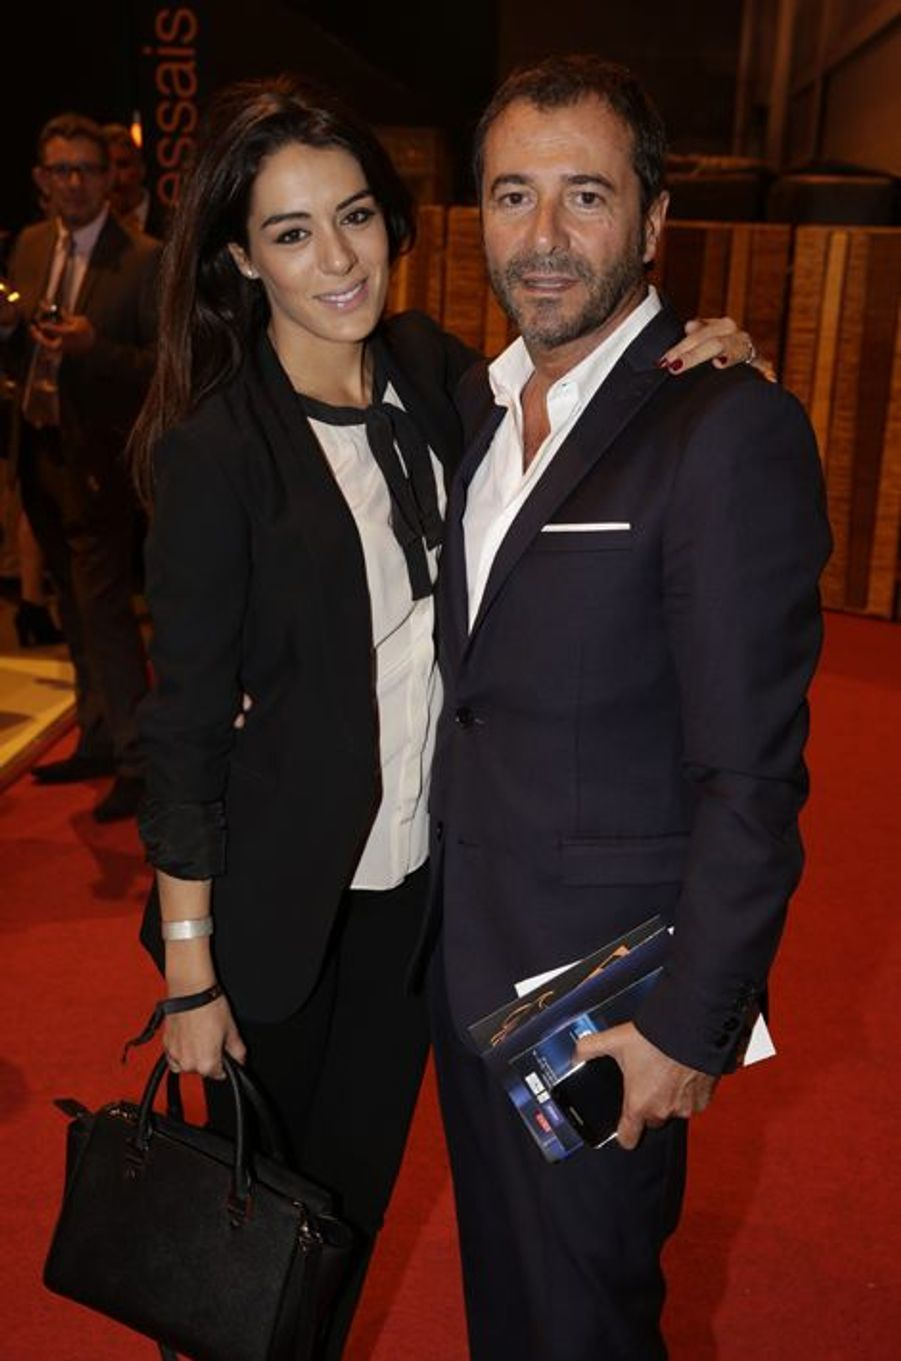 Sofia Essaïdi et Bernard Montiel au Salon de l'Automobile 2014 à Paris le 2 octobre 2014